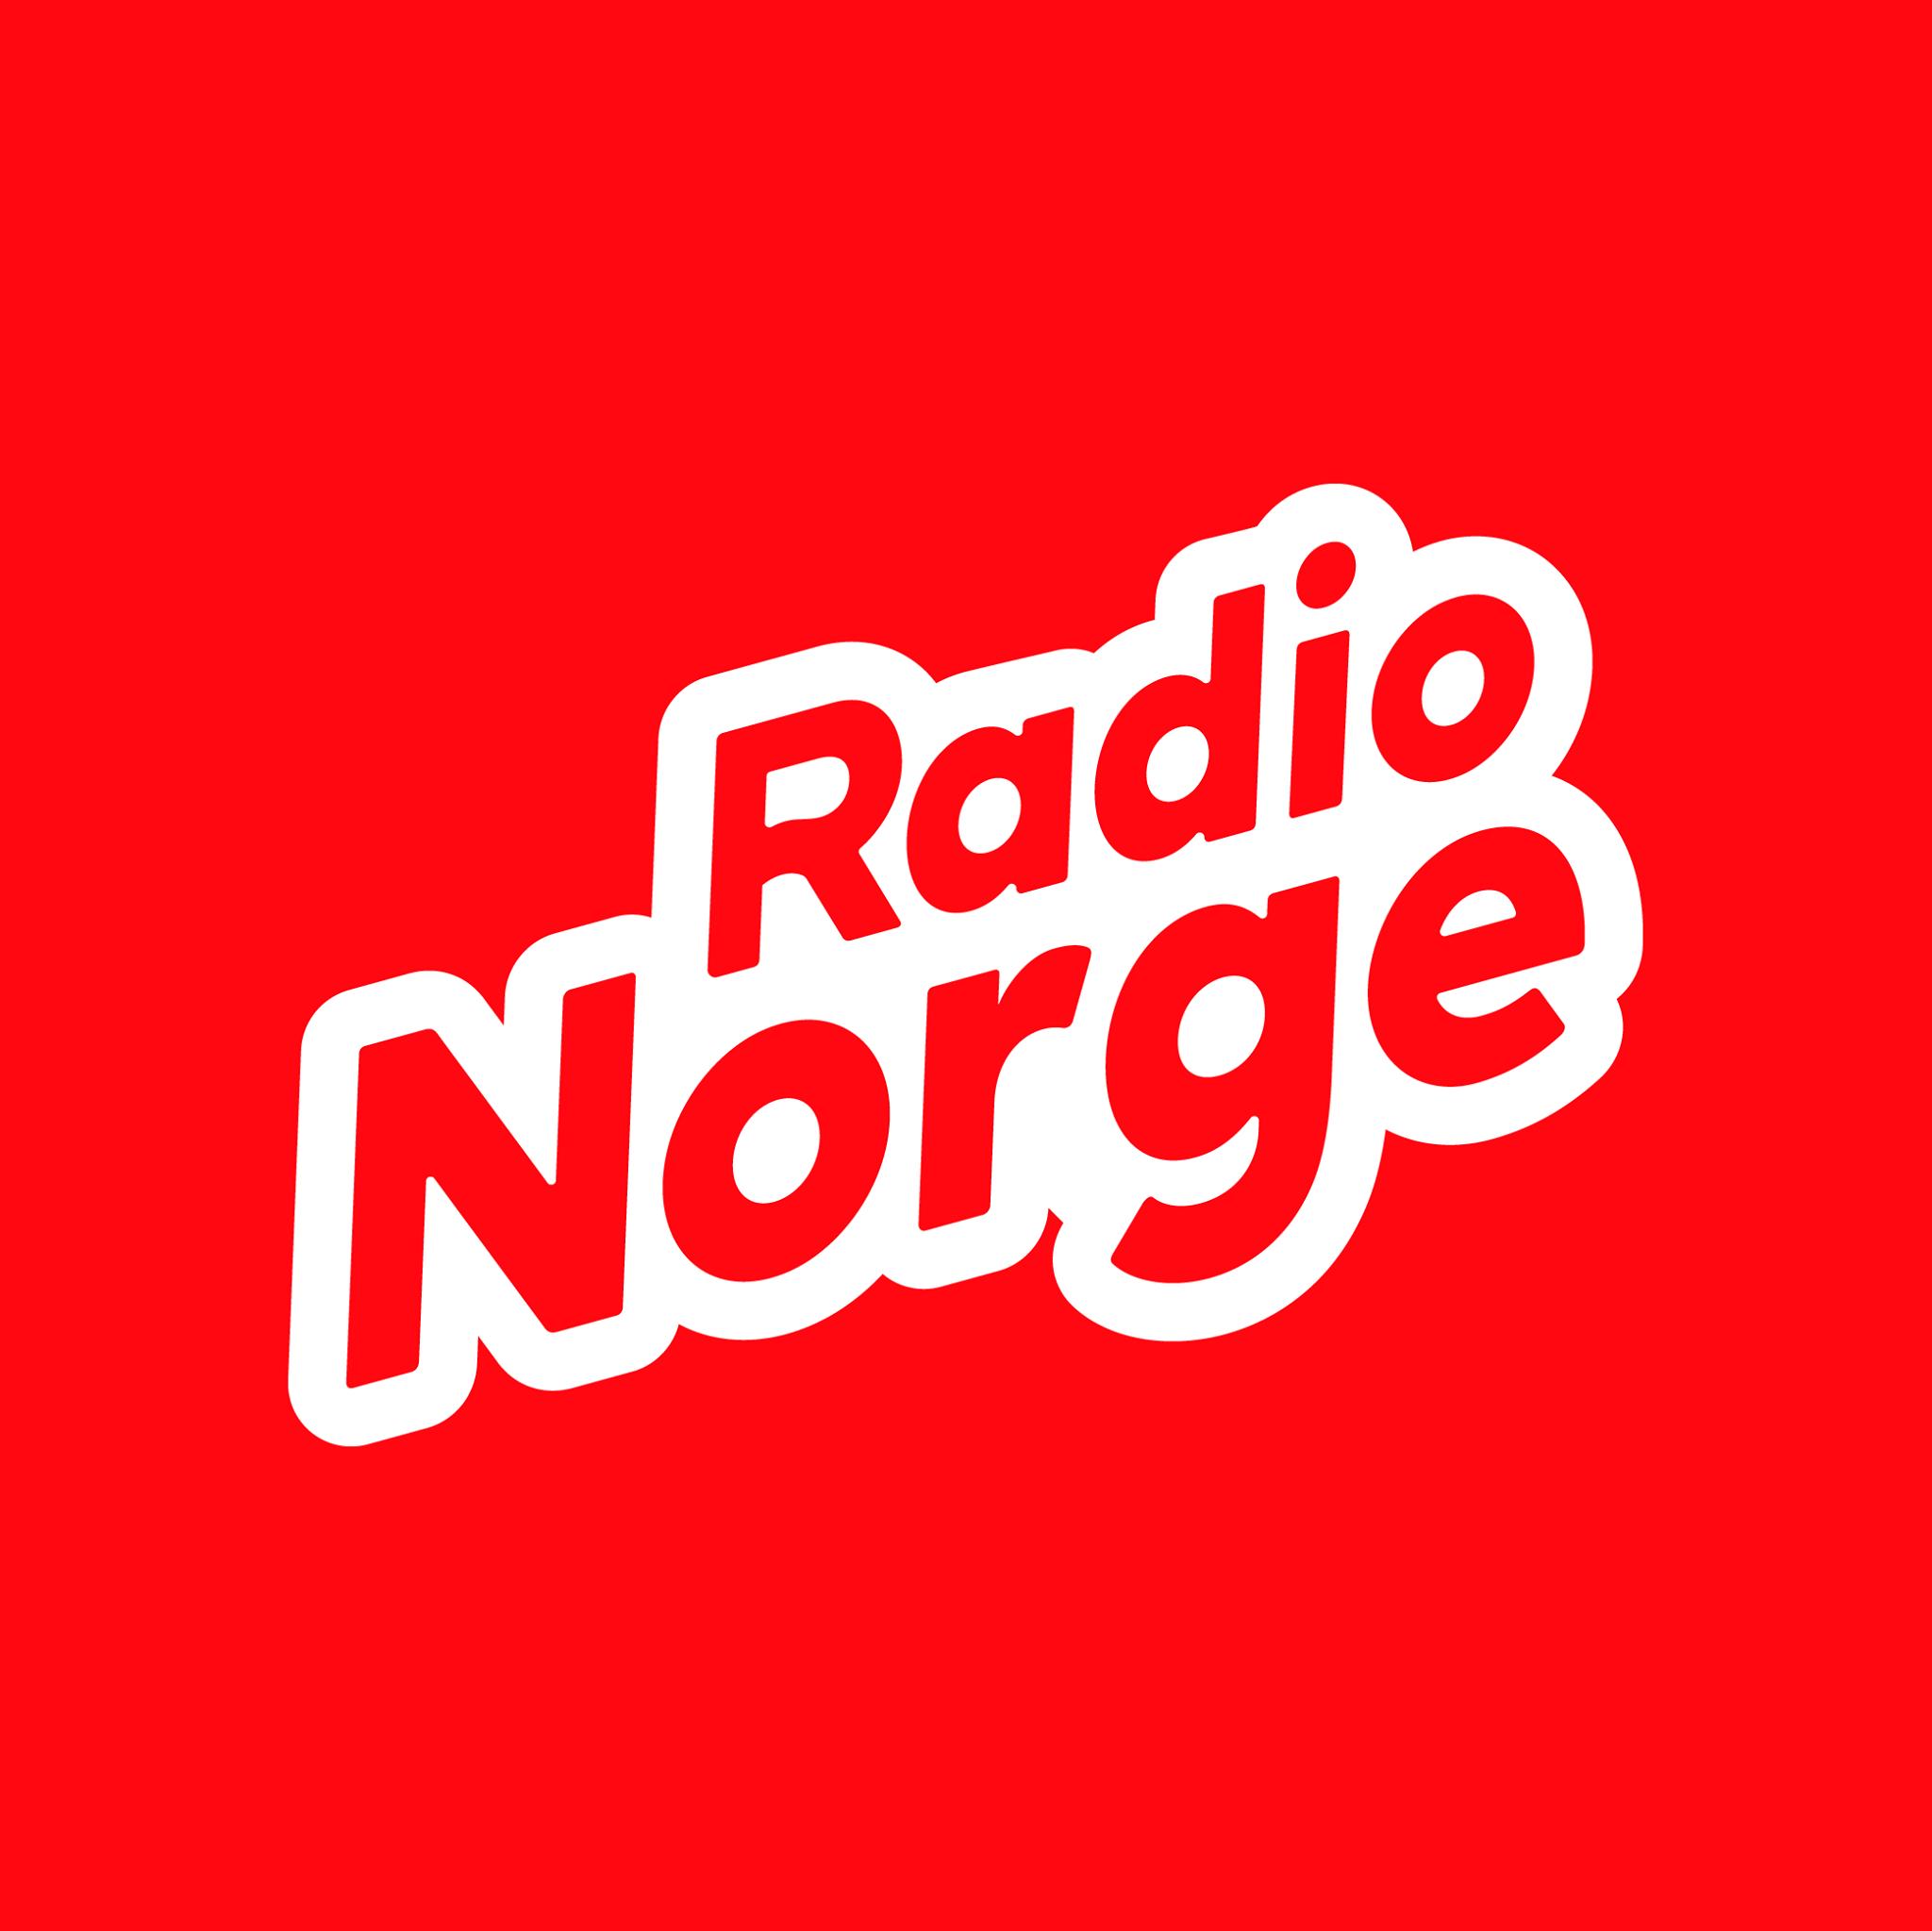 Радио Norge Норвегия, Осло